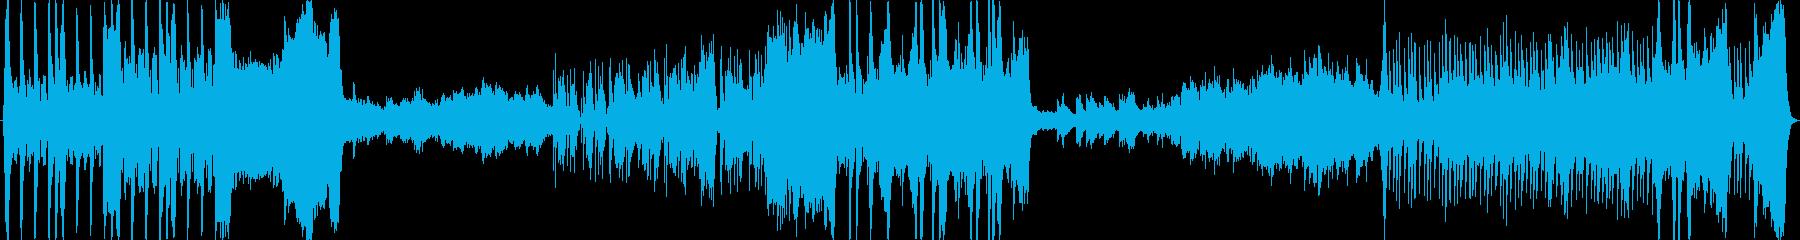 戦闘~癒し系まで/オーケストラ風メドレーの再生済みの波形